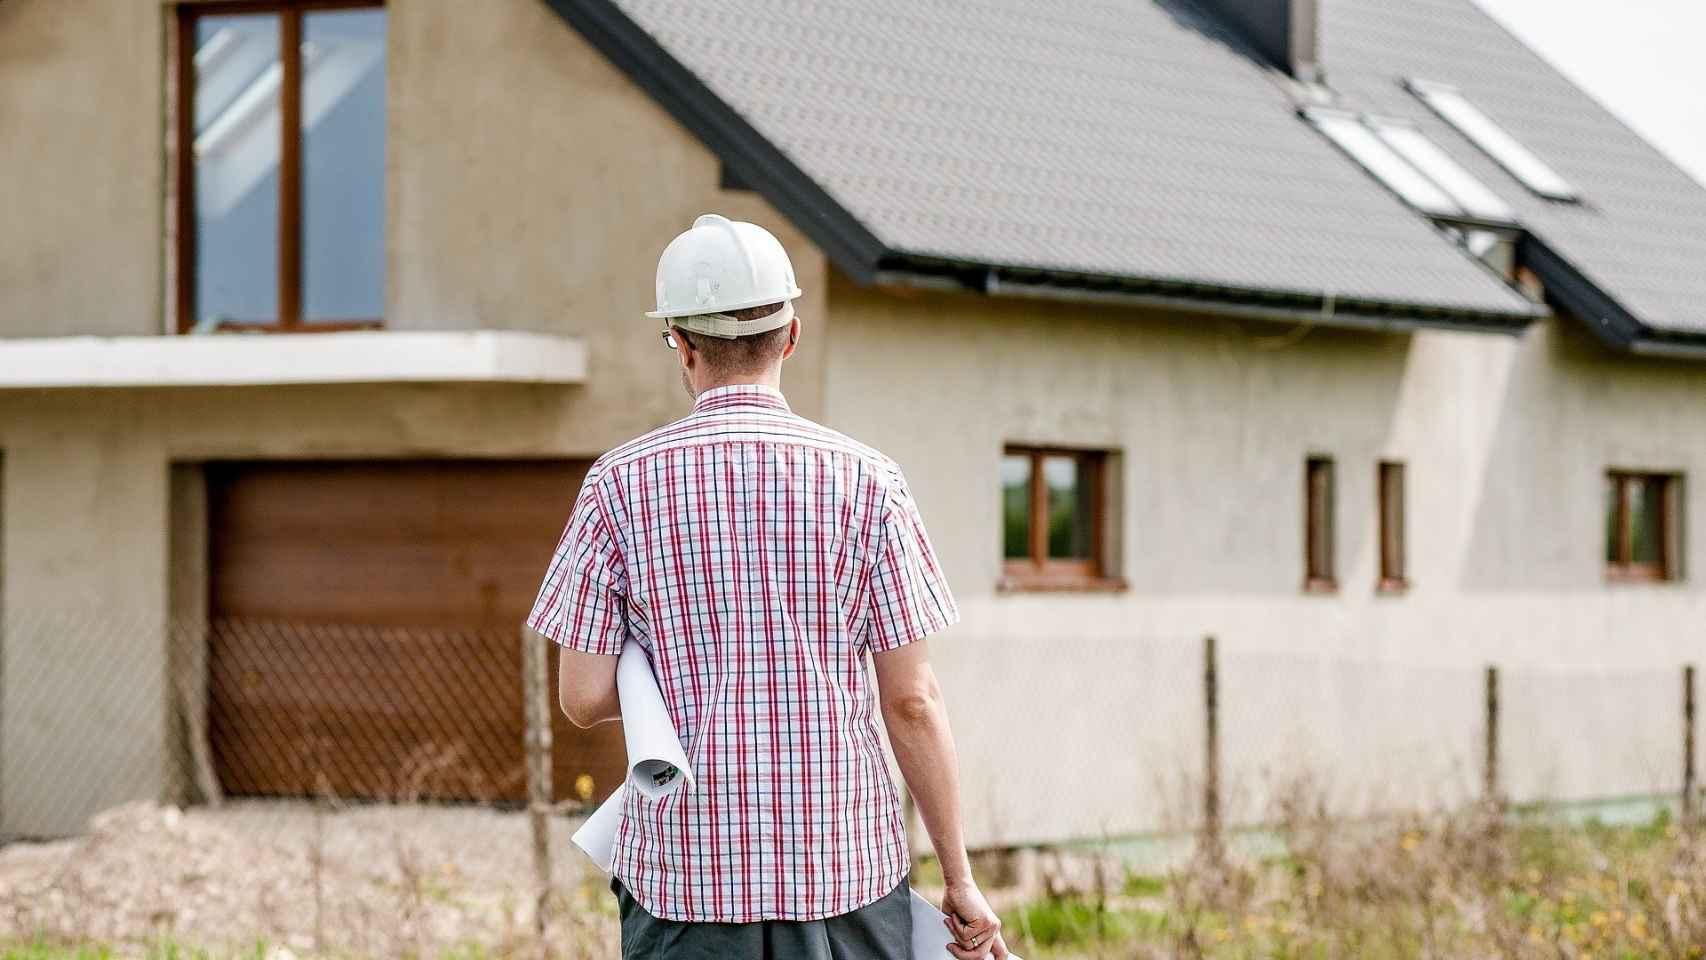 Un arquitecto revisando un residencial de nueva construcción.